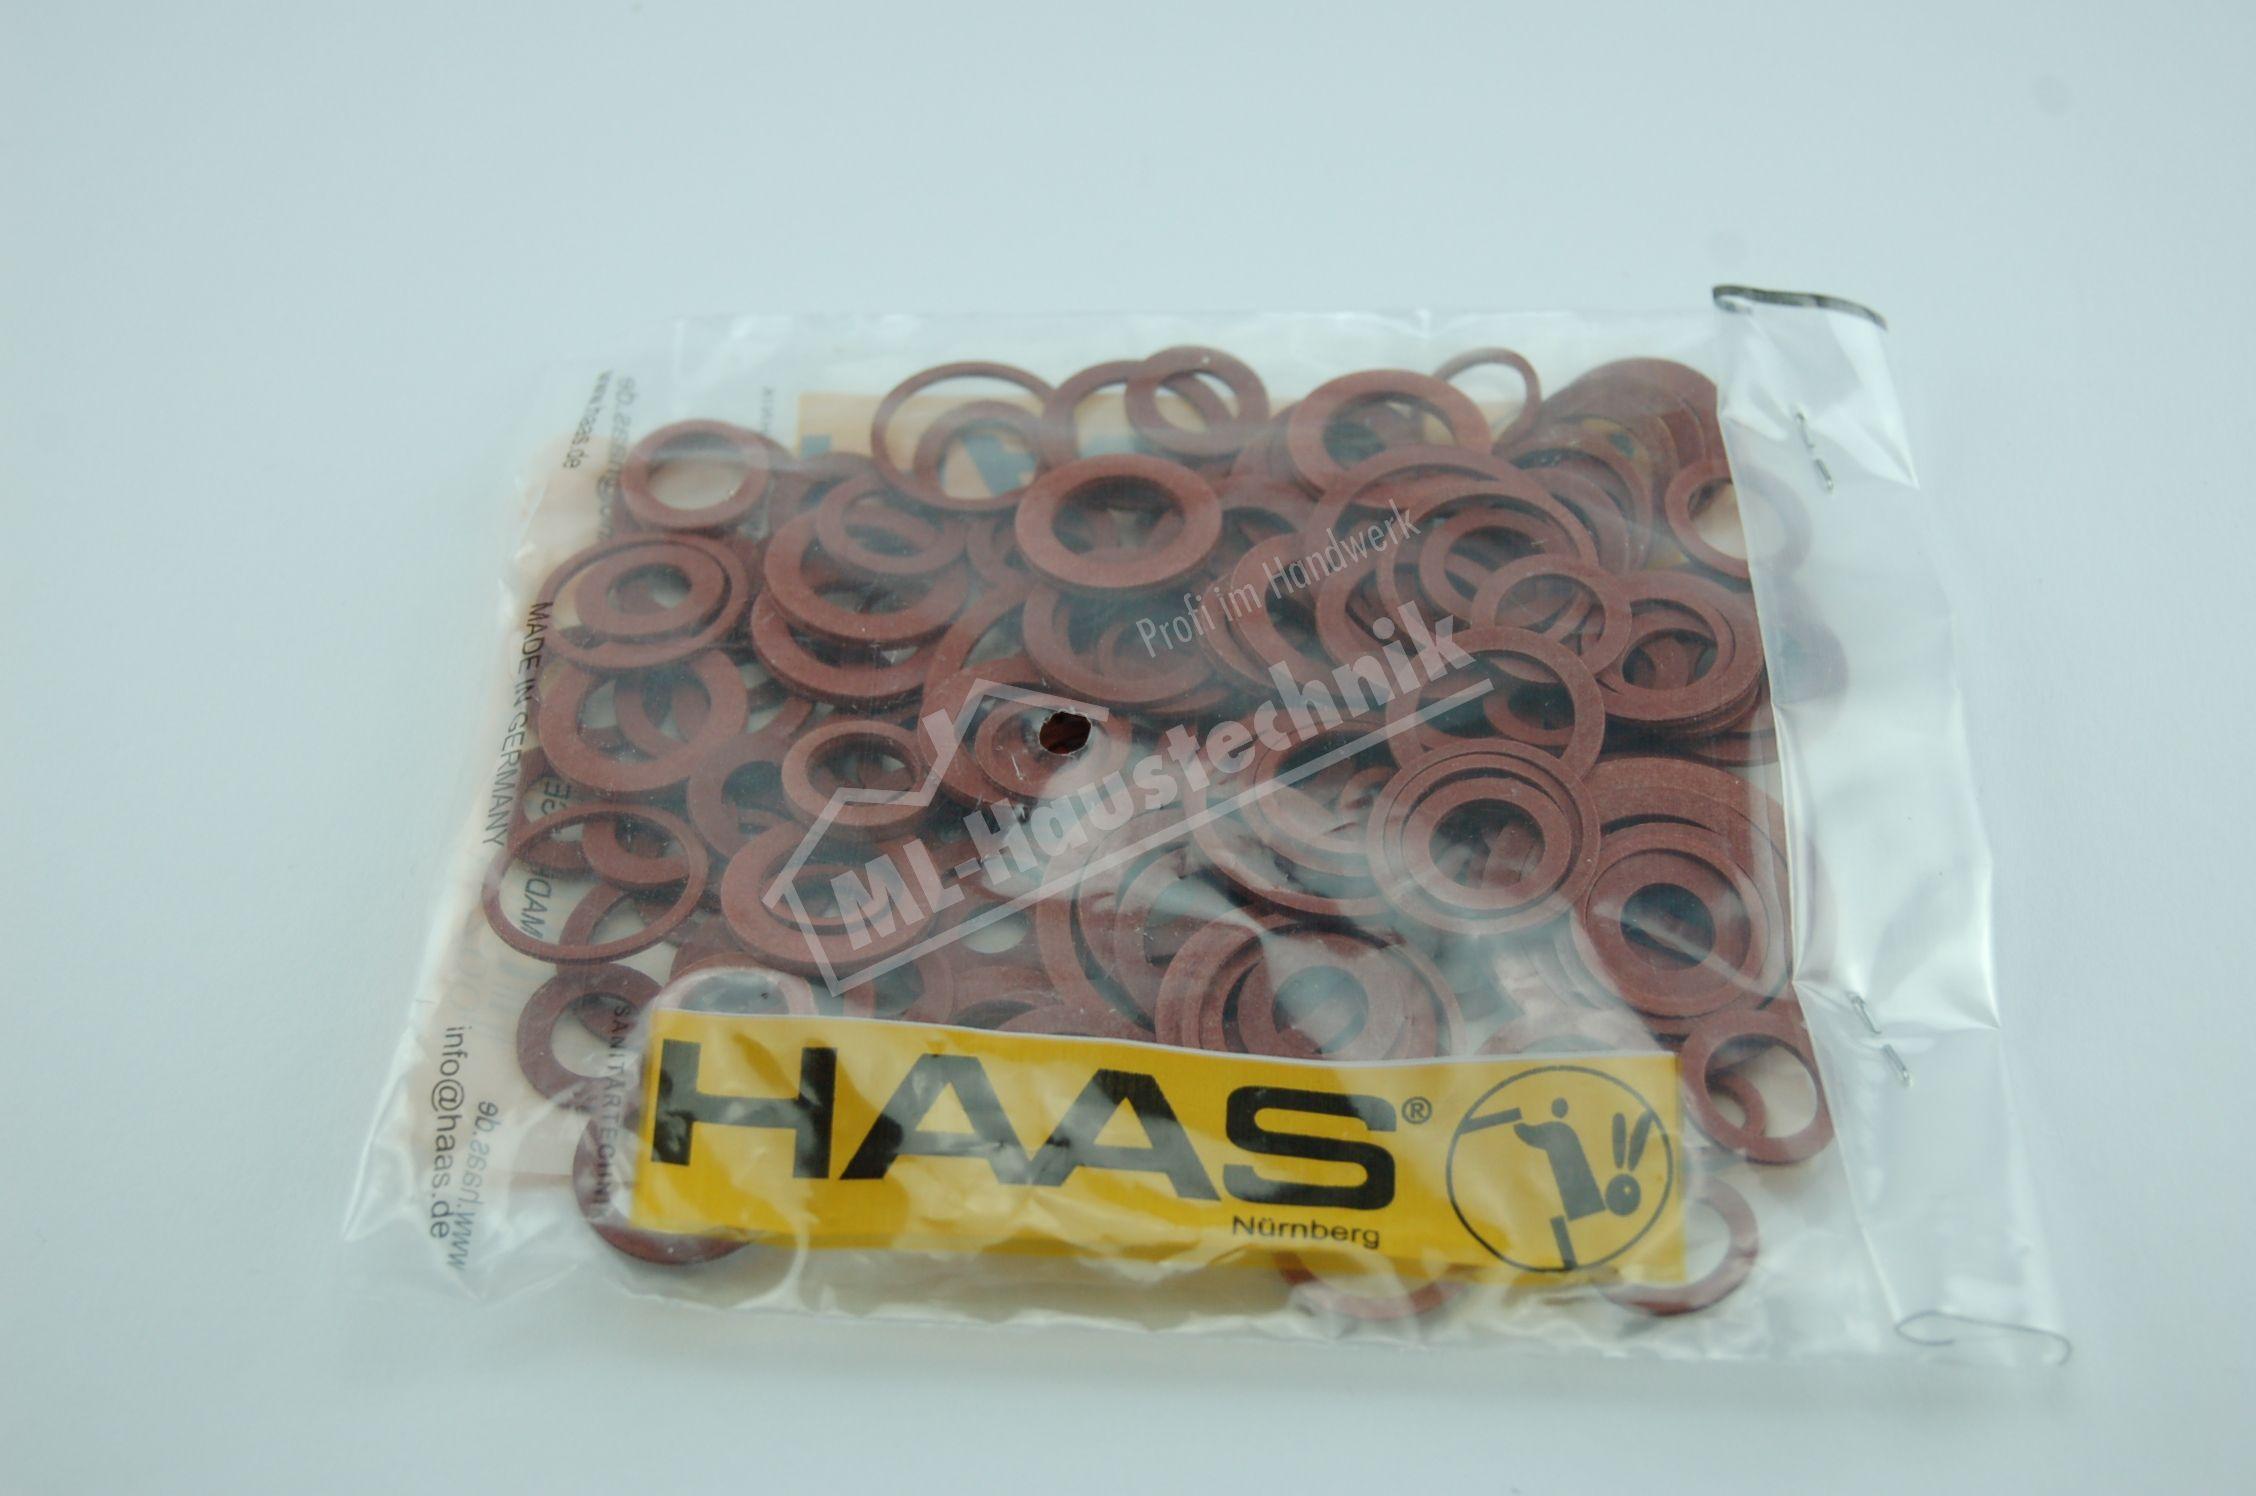 Haas Dichtung Set Dichtungsring - Sortiment FIeber Dichtringe Dichtungen 4603